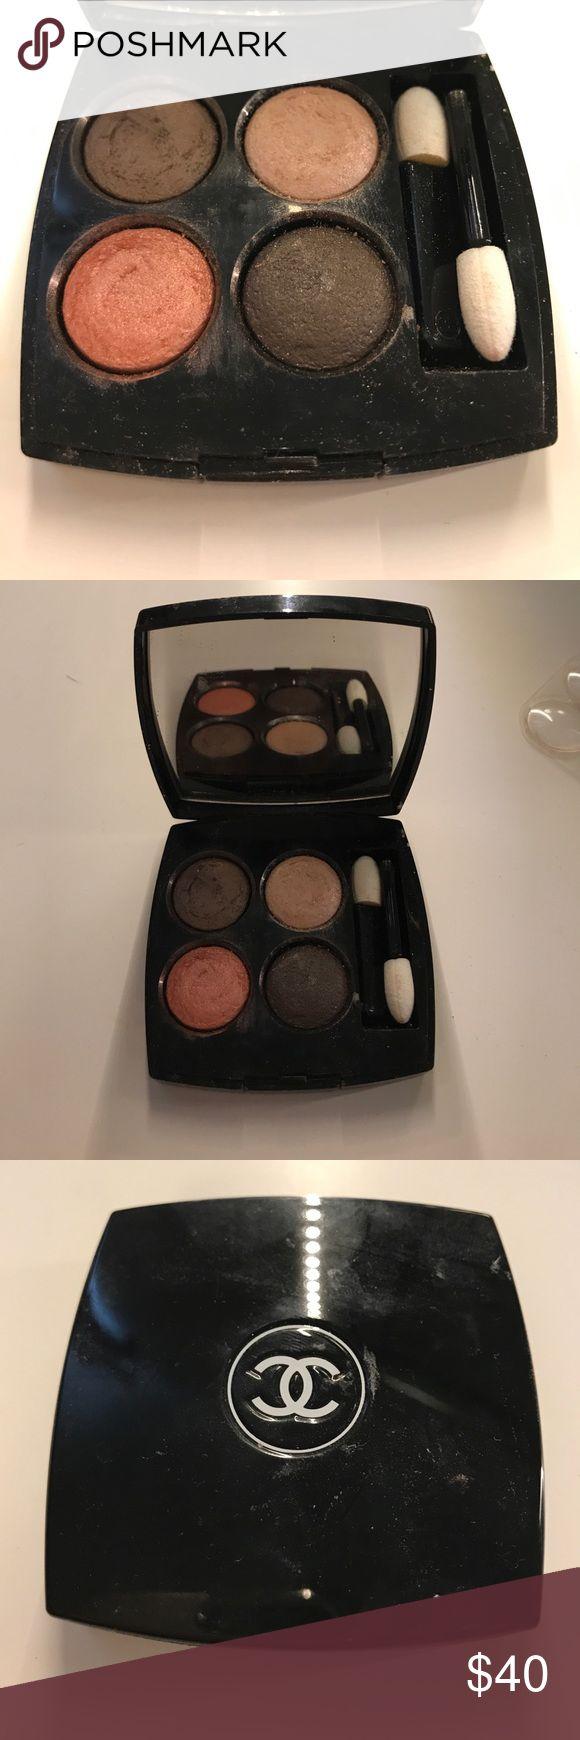 Chanel eyeshadow quad Hardly used chanel eyeshadow quad. CHANEL Makeup Eyeshadow